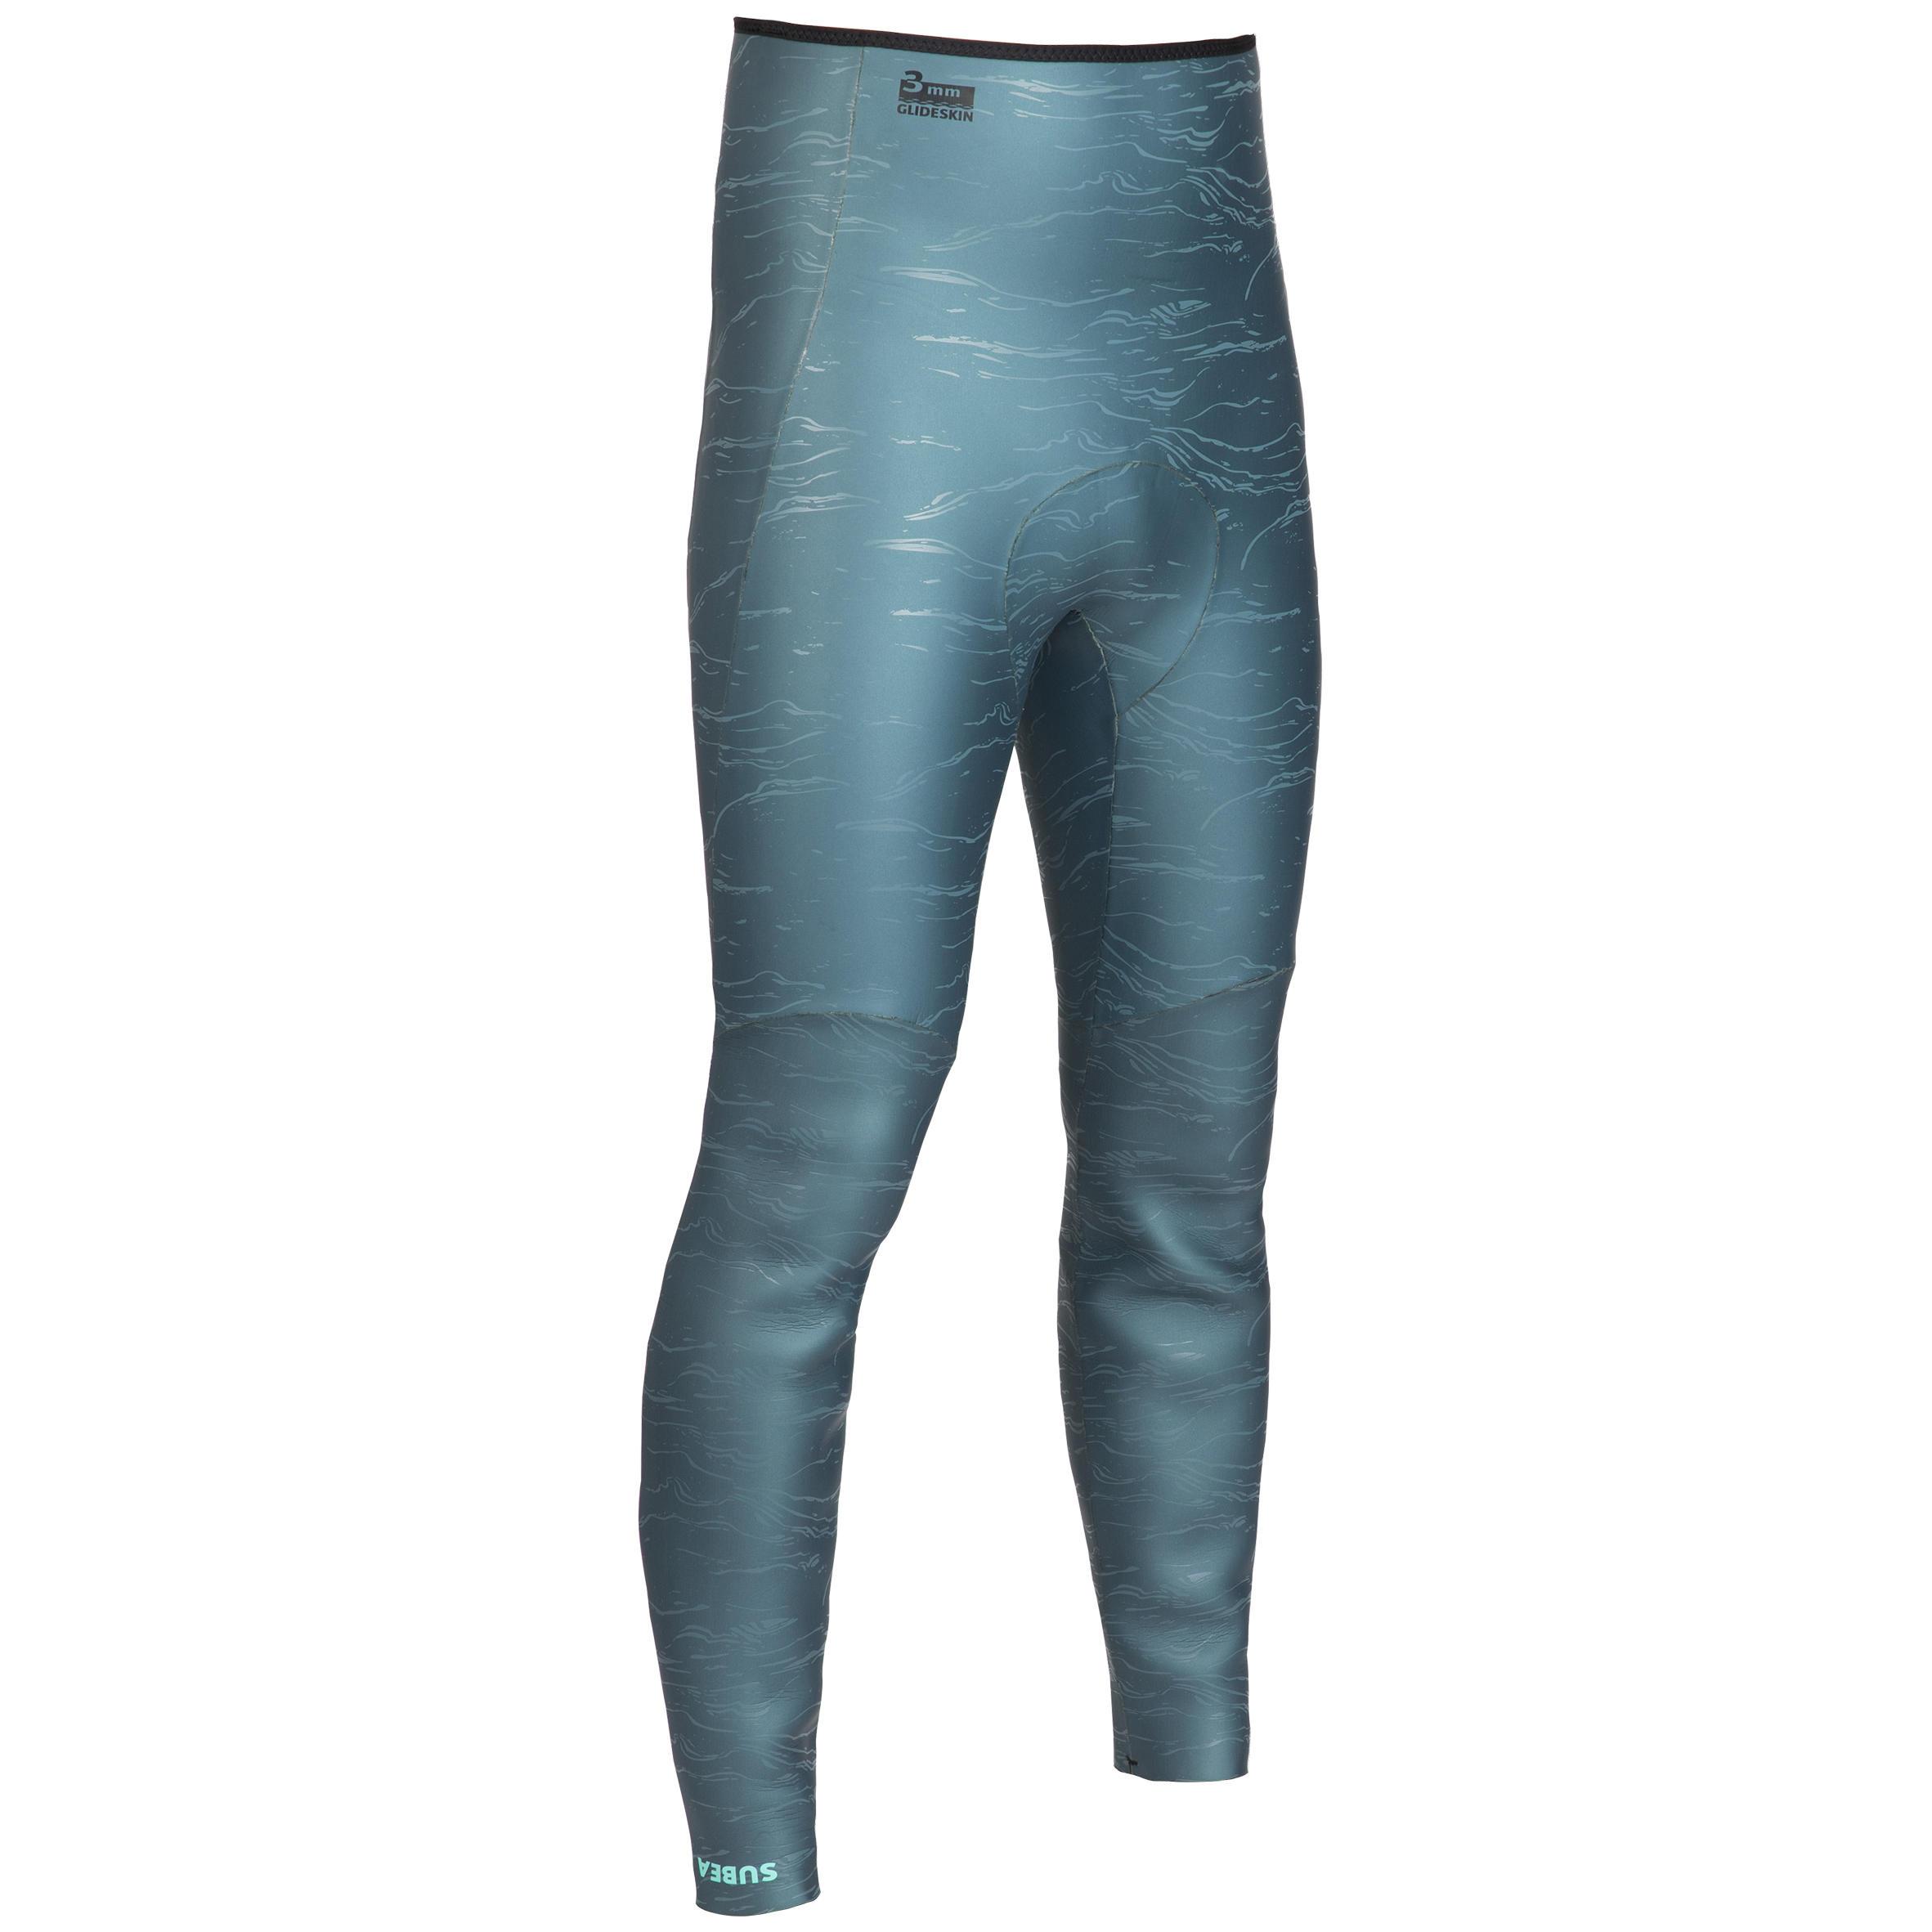 Subea Pantalon de combinaison d'apnée freediving néoprène 3mm FRD900 gris vert - Subea